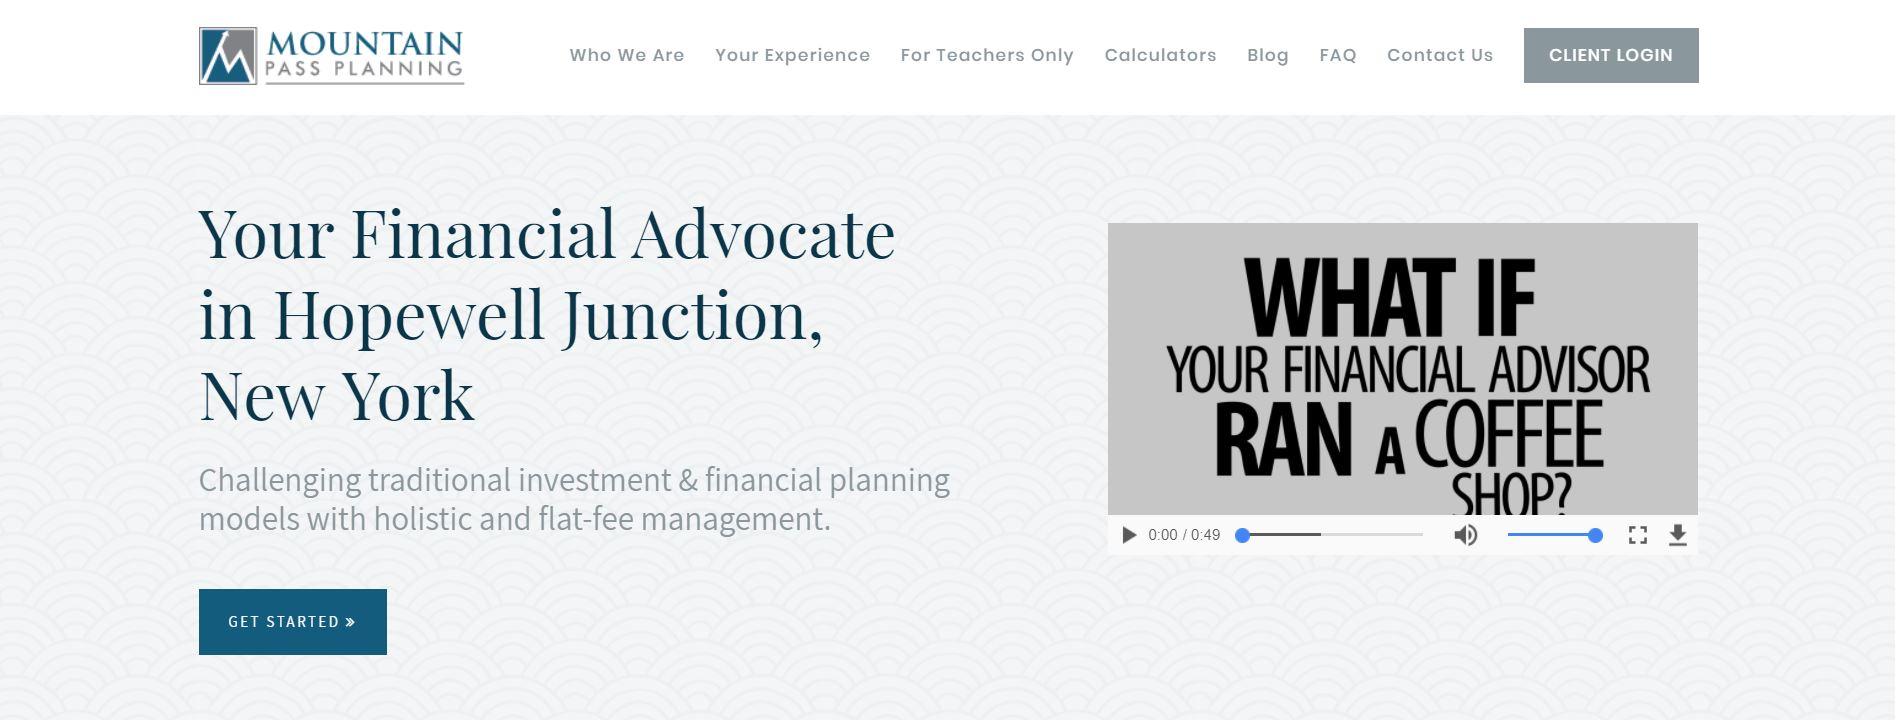 mountain pass planning website